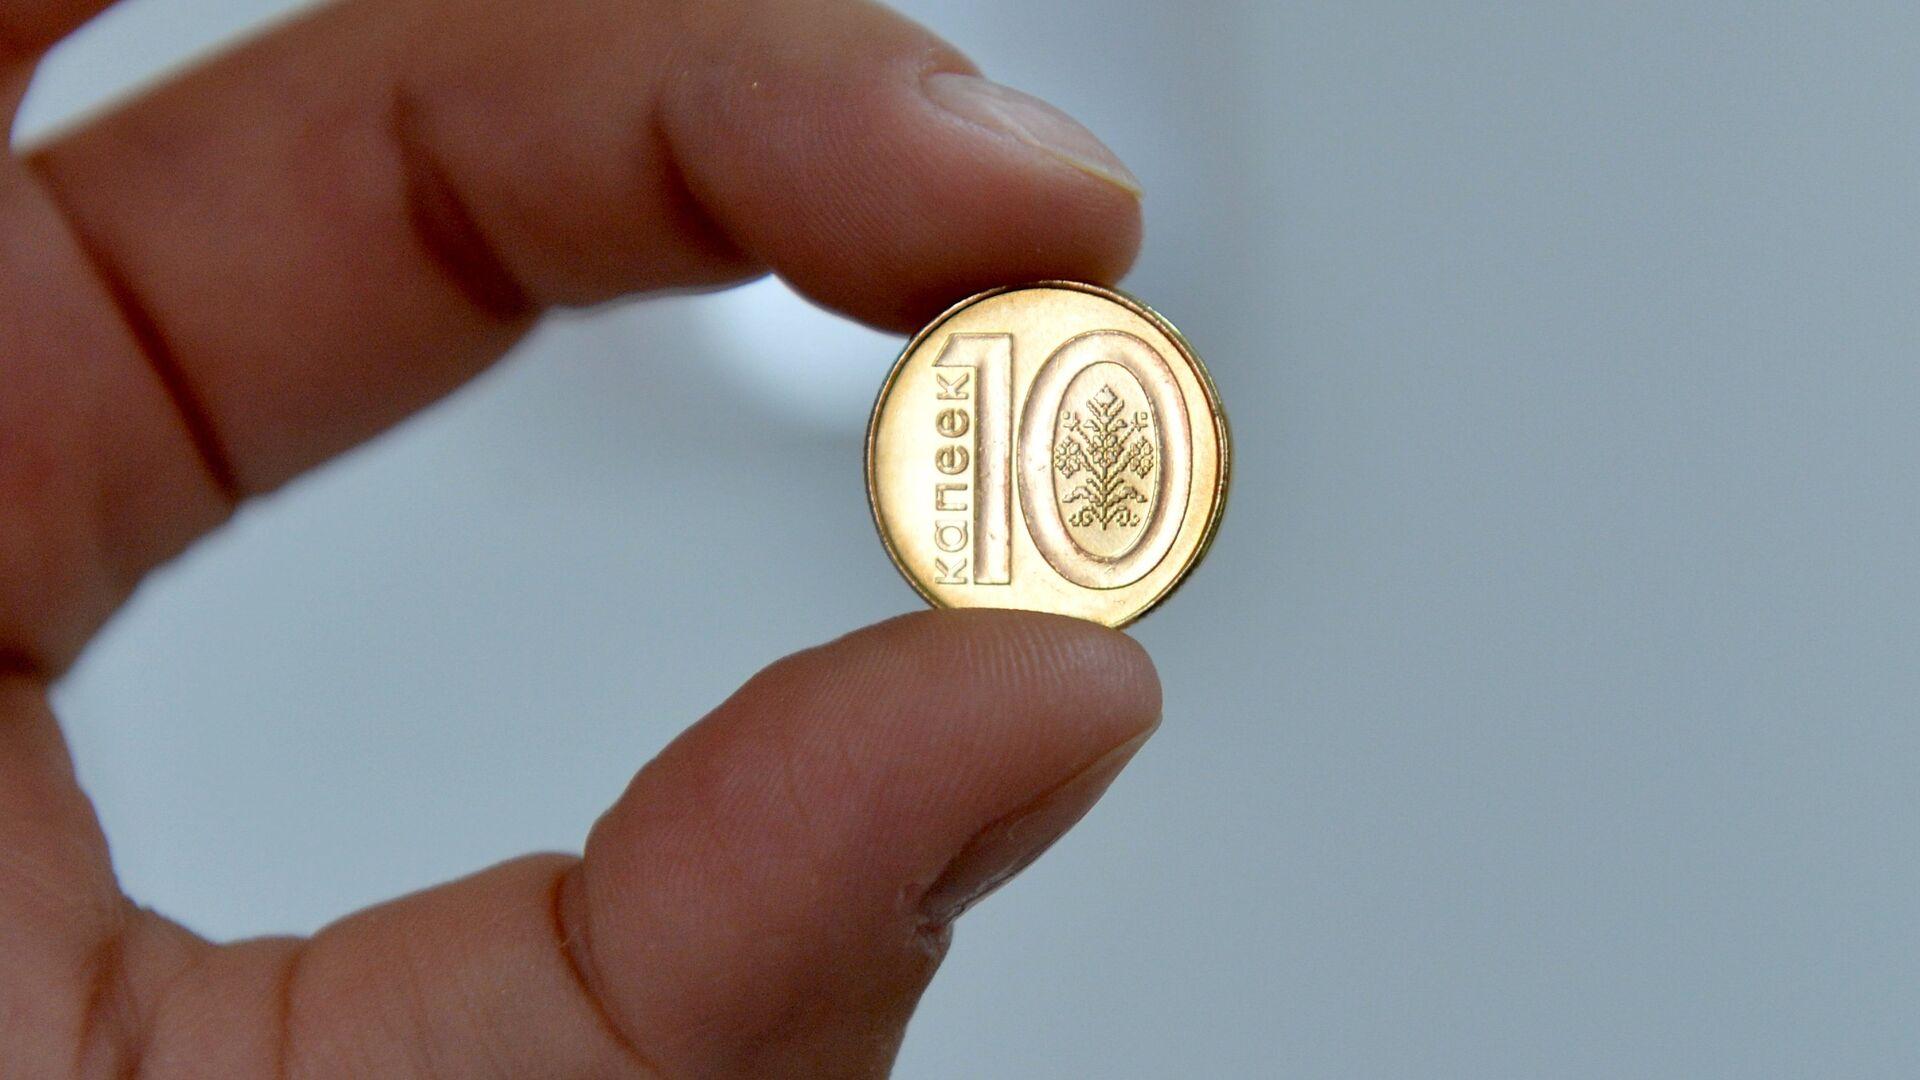 Песков: пока речи о введении единой валюты России и Белоруссии не идет